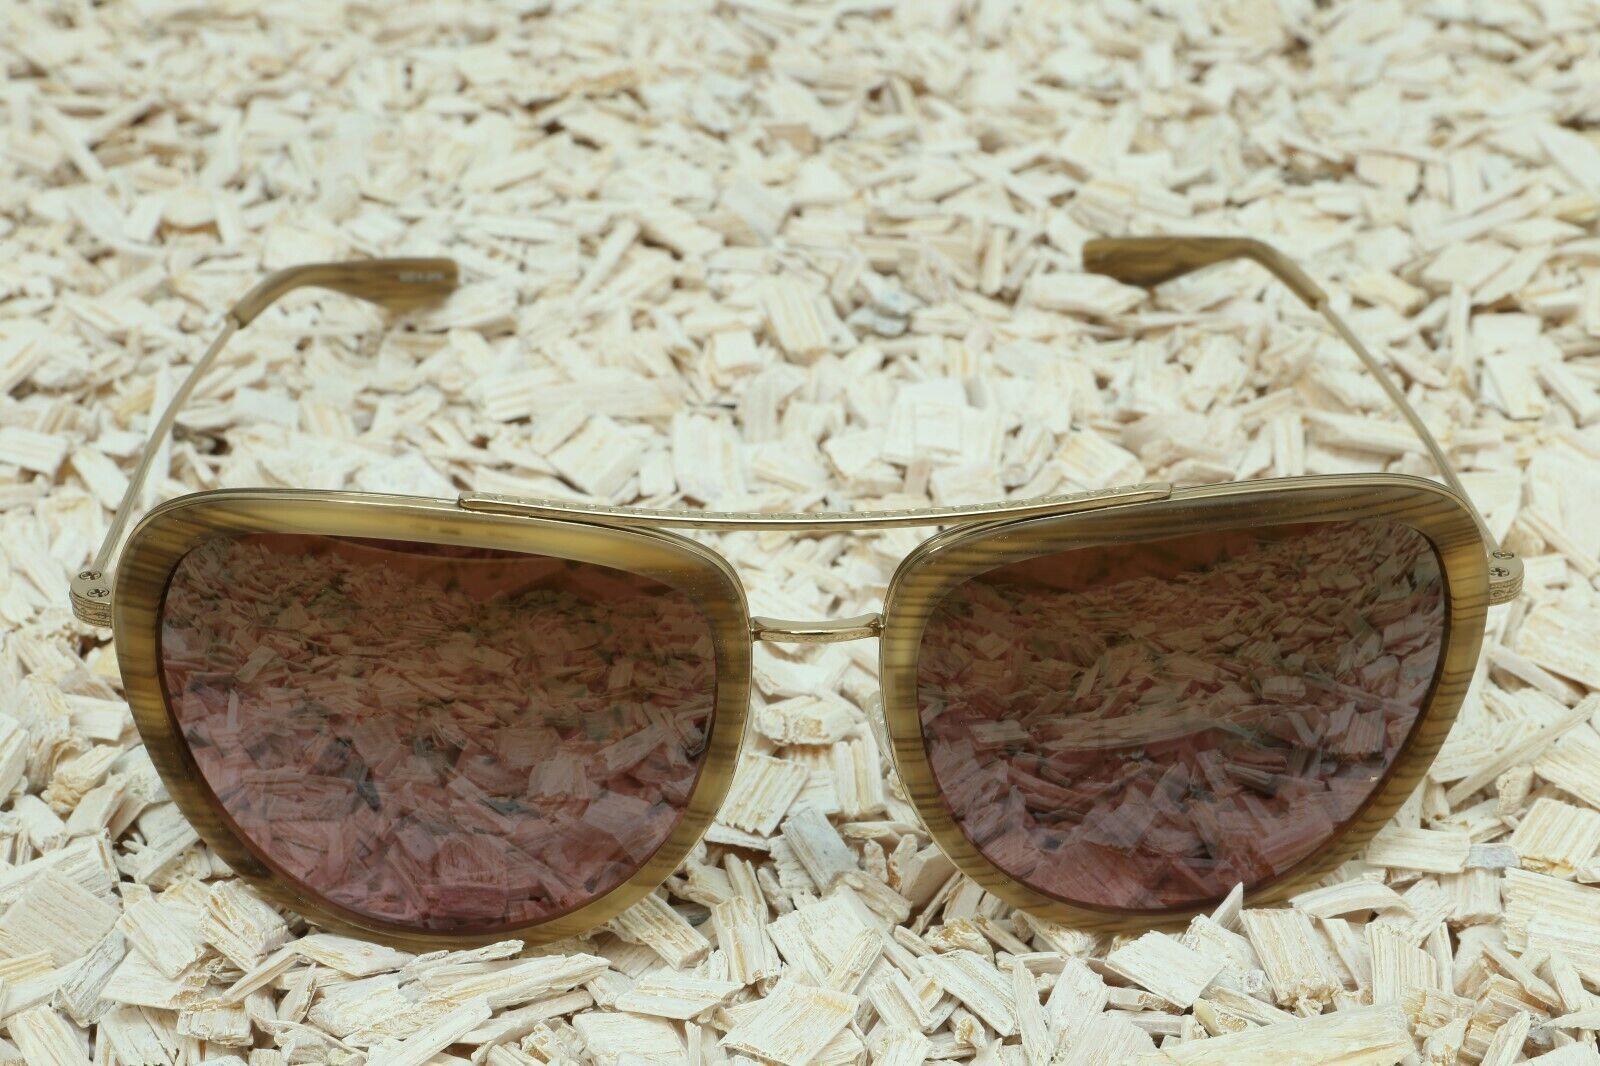 Original BARTON PERREIRA Sonnenbrille Model RIO 56 Farbvarianten Farbvarianten Farbvarianten   | Starker Wert  | Der neueste Stil  | Outlet Online  e4b06b